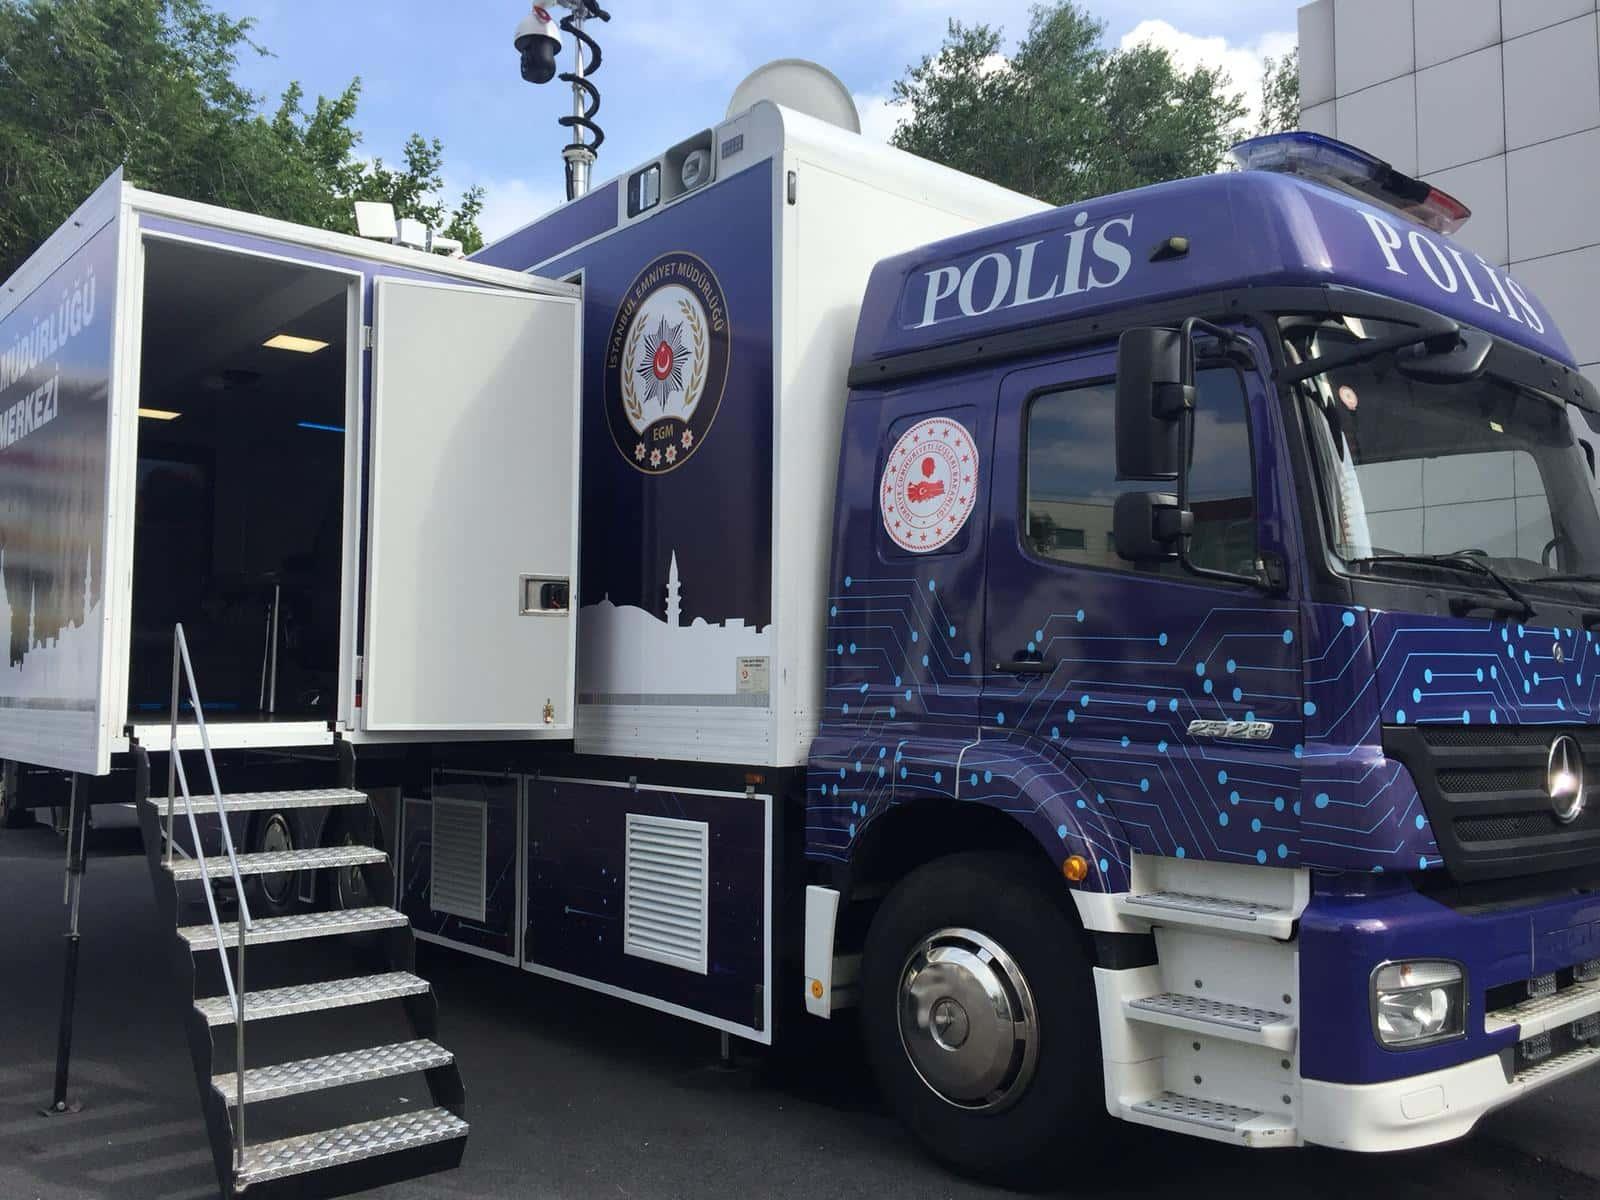 mobile-command-center-vehicle-truck.jpg